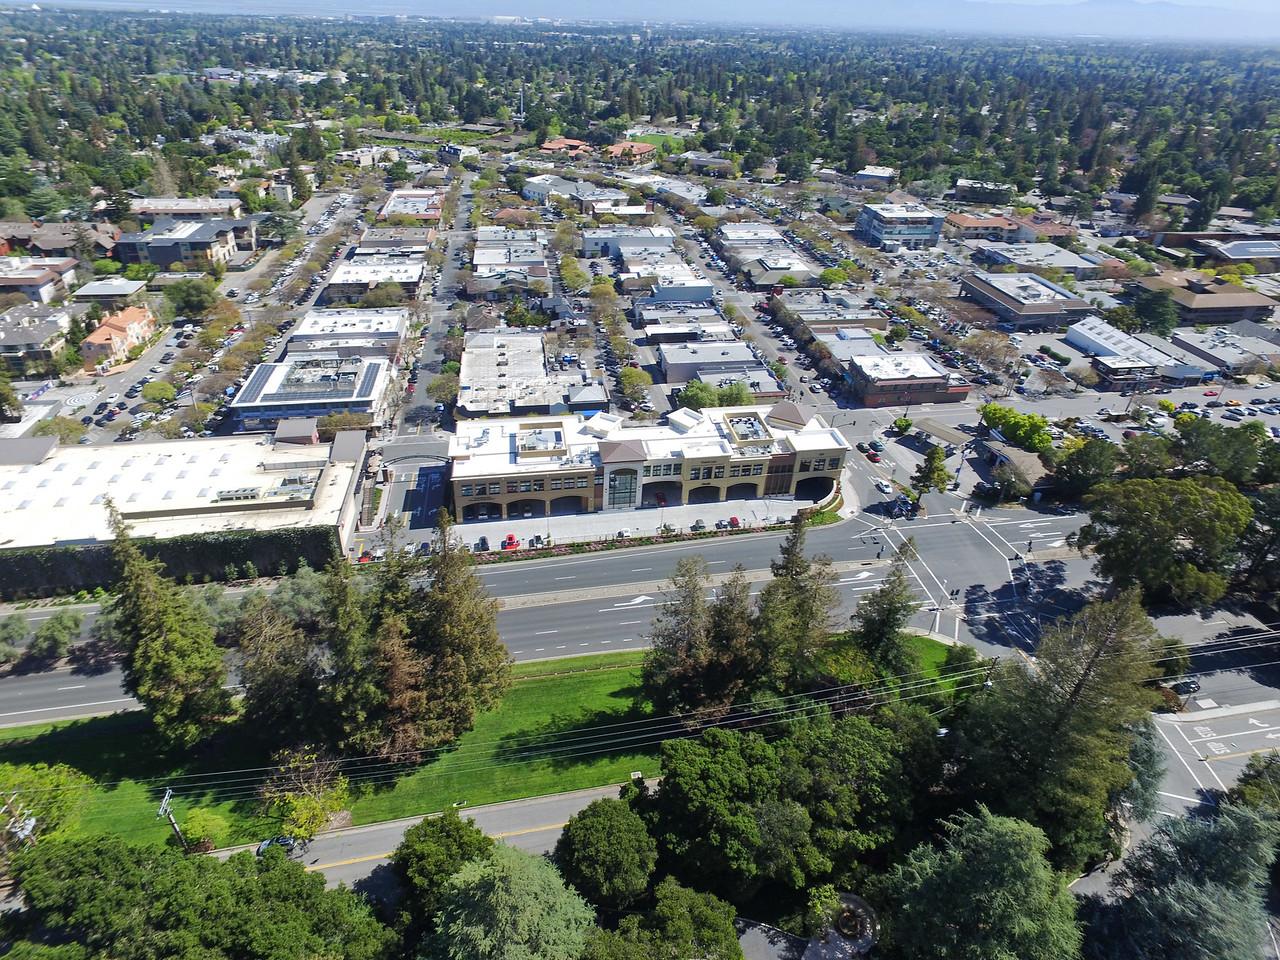 Downtown+Los+Altos+Drone+photo.jpg